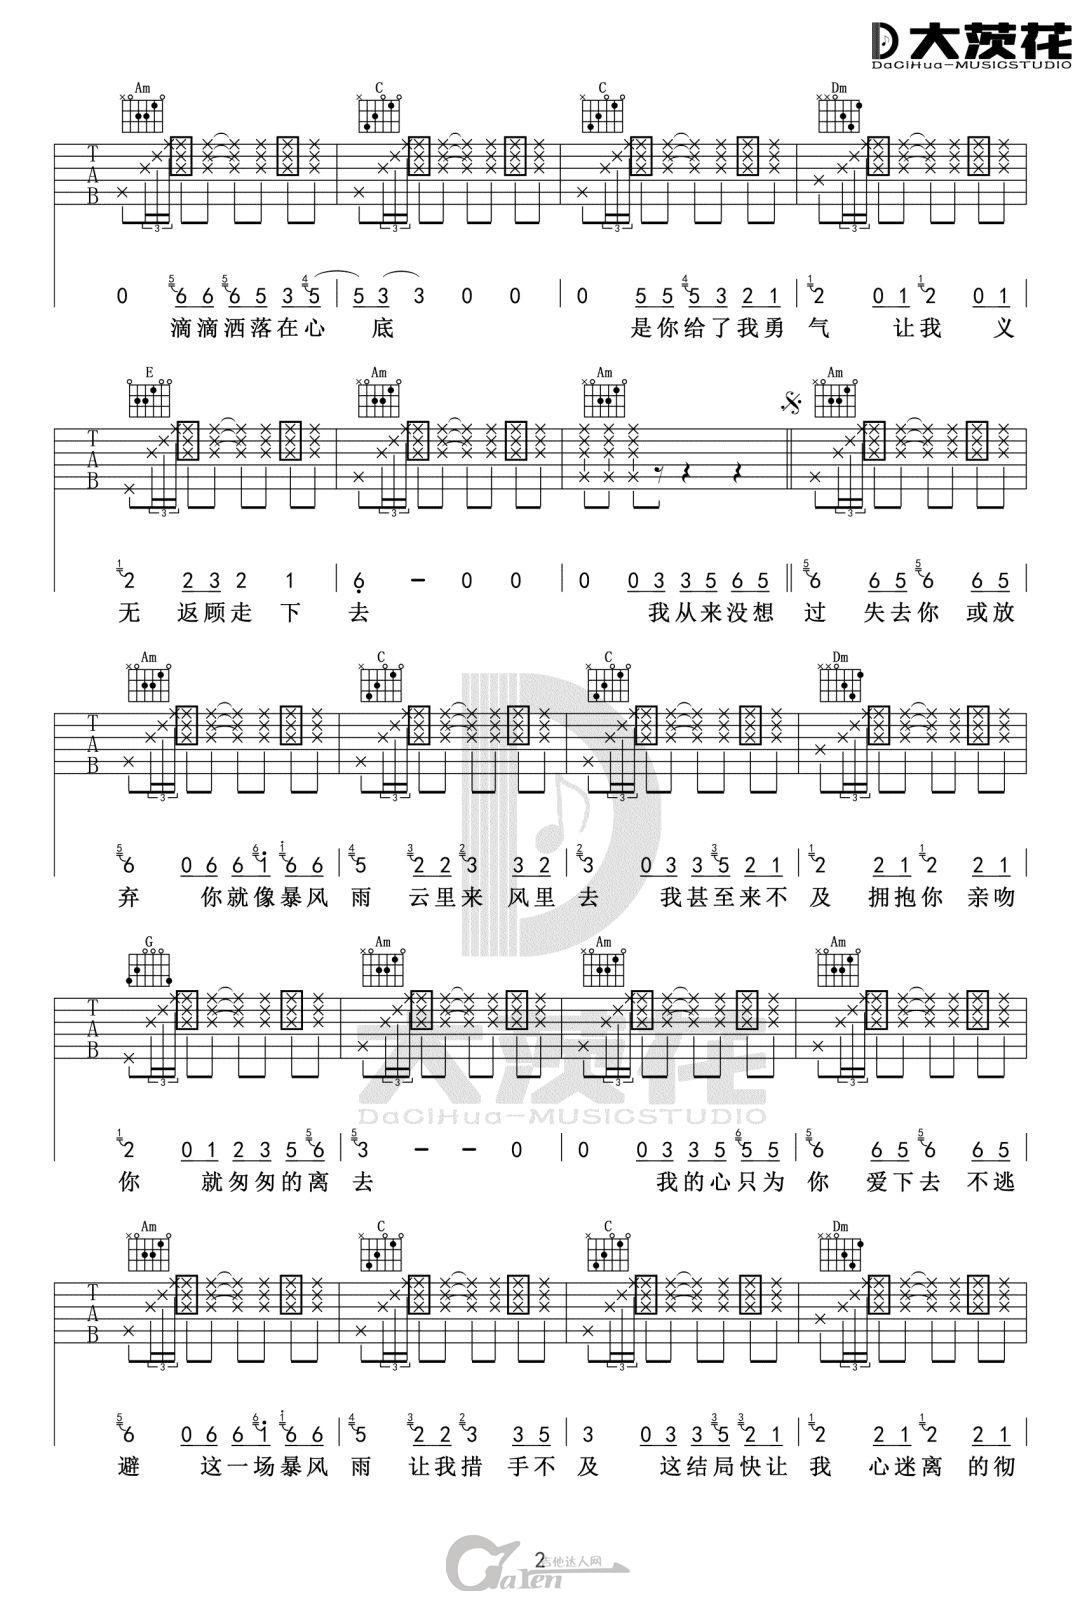 朱克《爱的暴风雨》C调吉他谱_吉他教学视频_吉他达人网